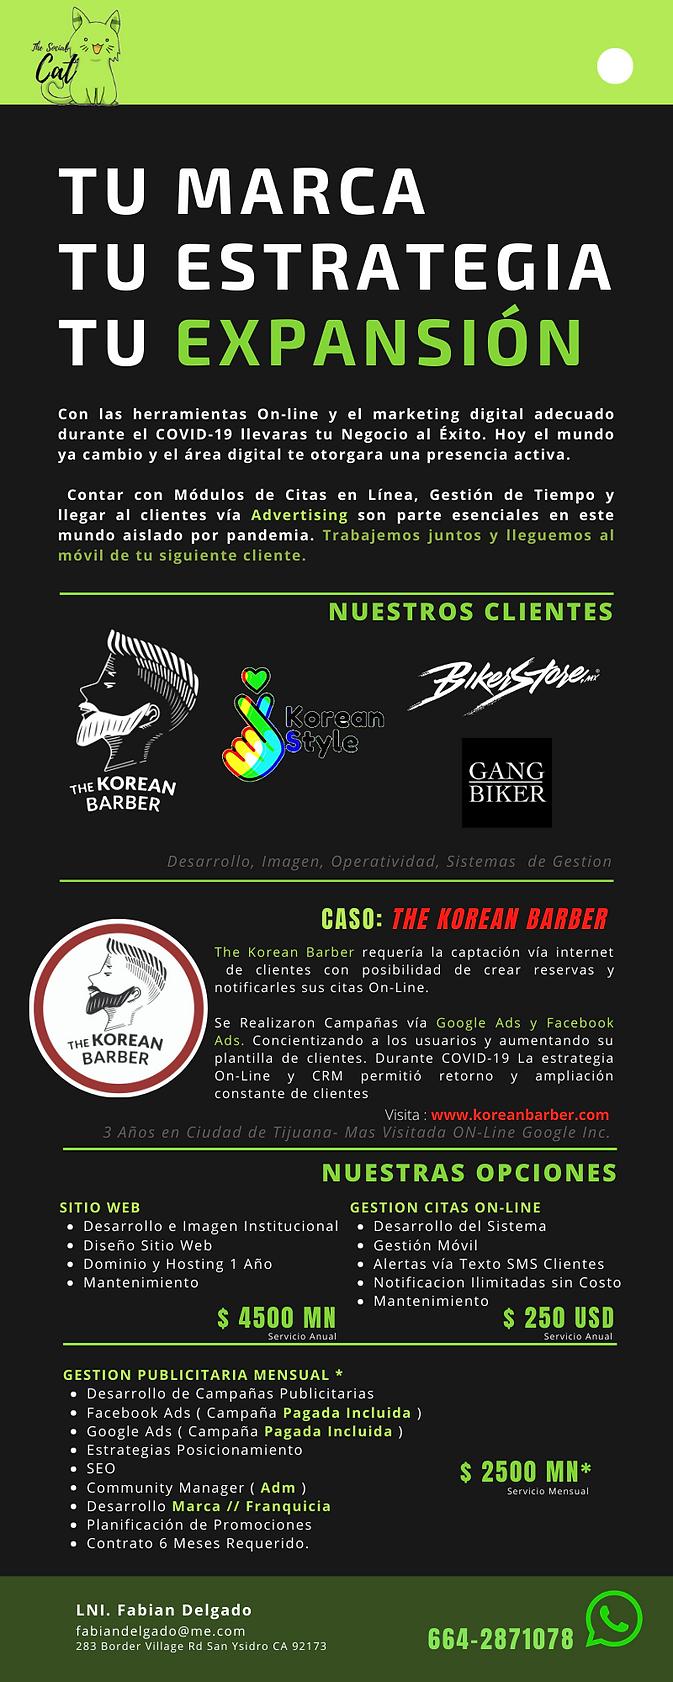 The Social Cat __ Servicios Barbershop N